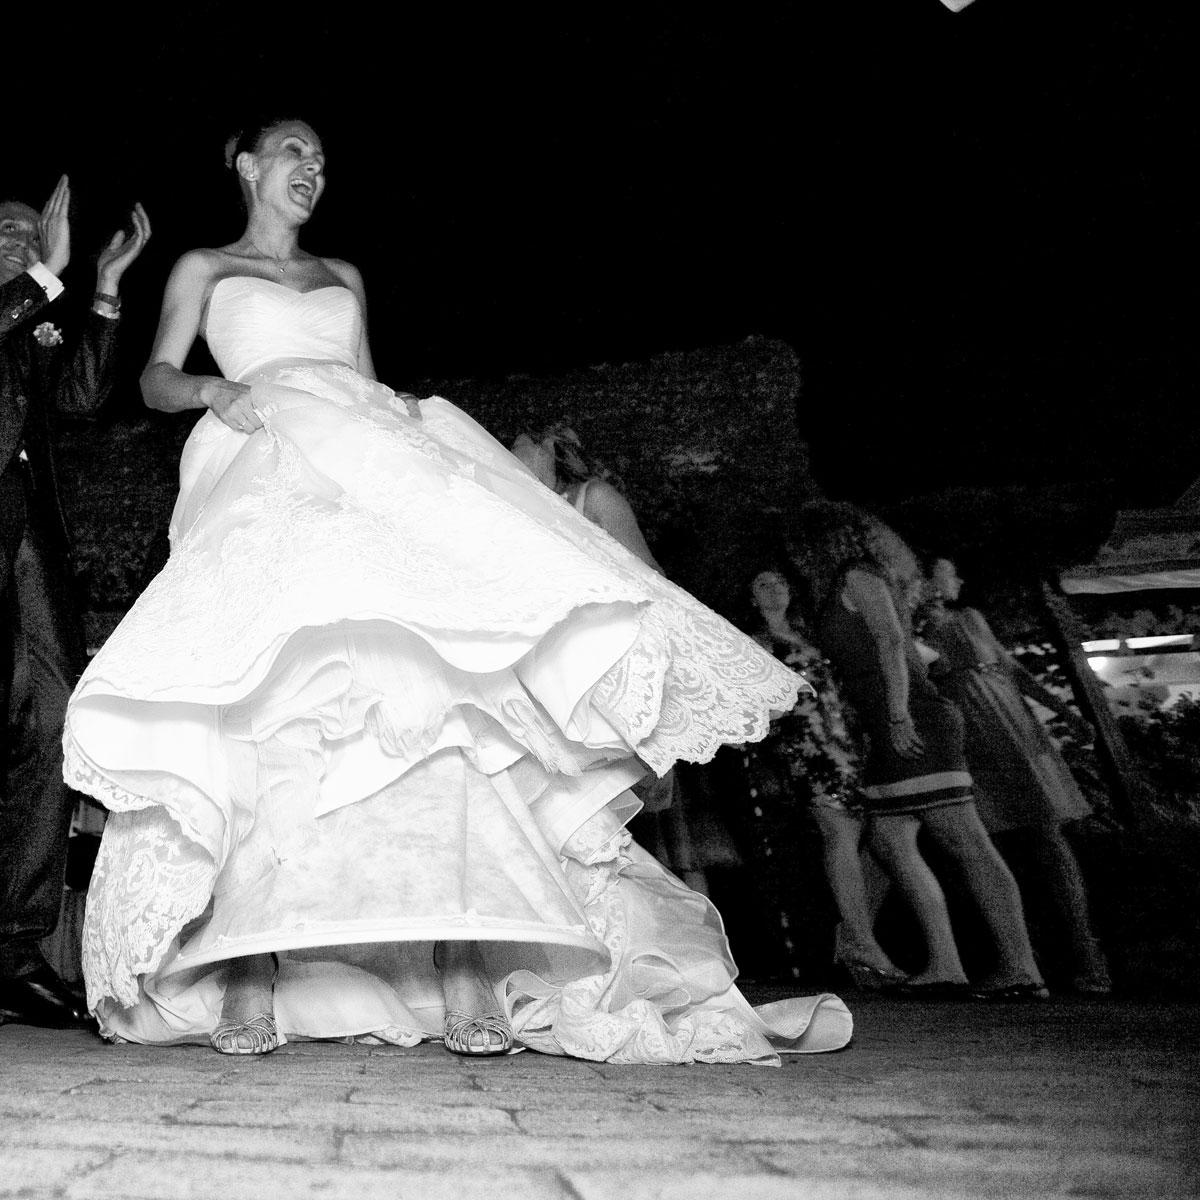 matrimoni-festa_026_SP